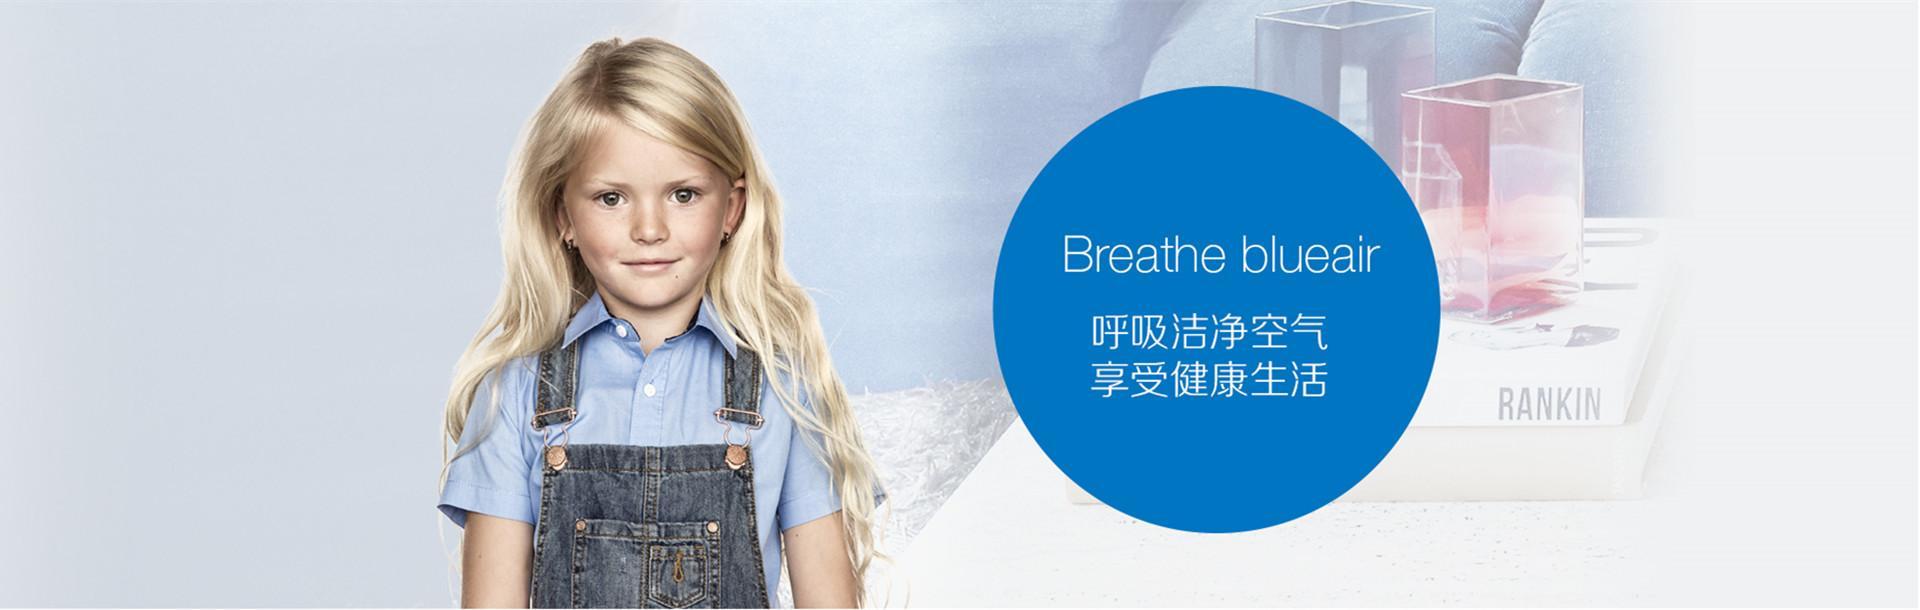 Blueair 空气净化器